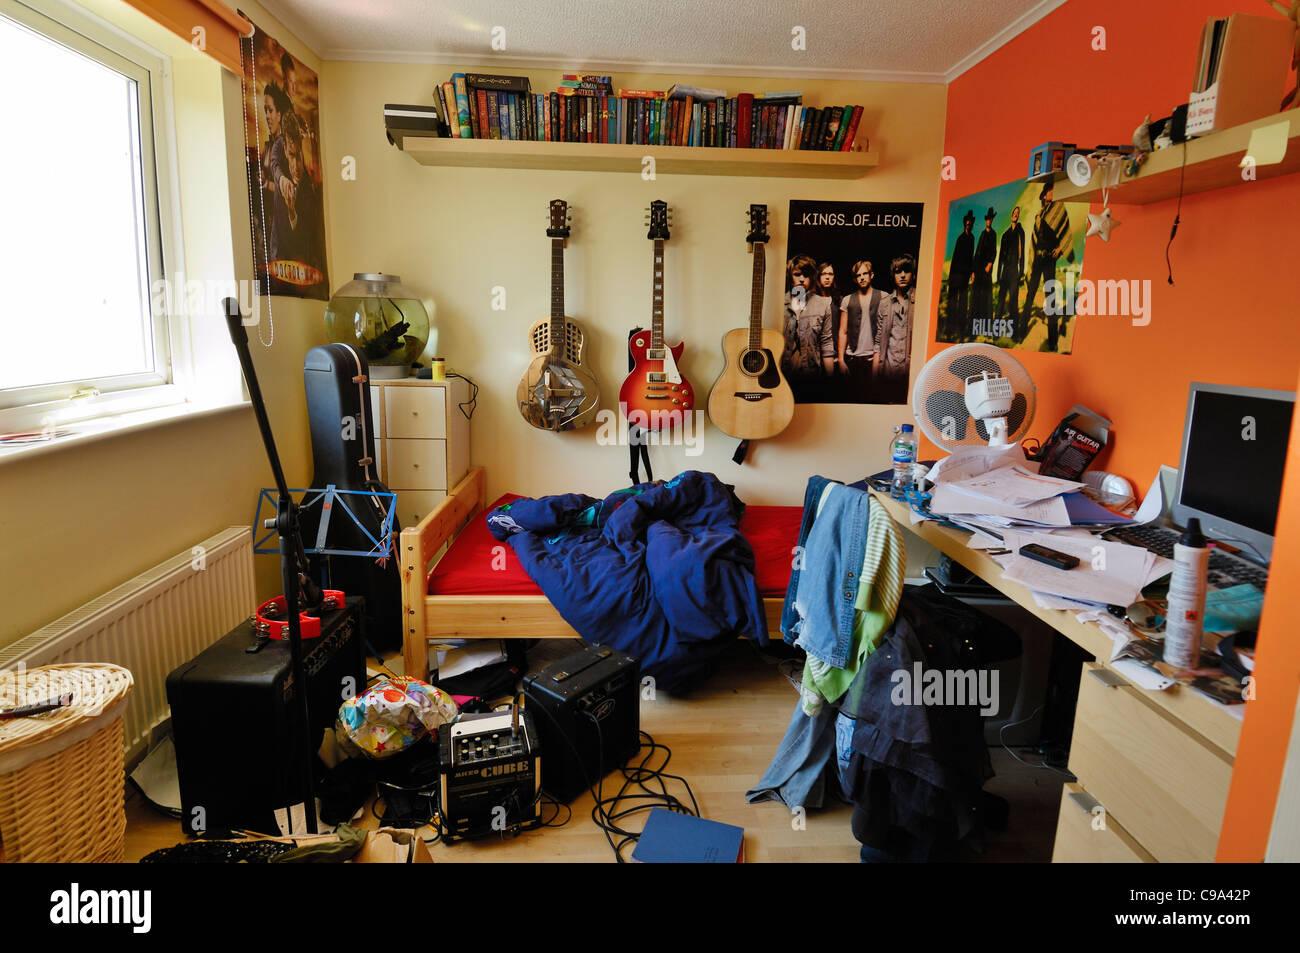 ein unordentlich und bunten jugendzimmer stockfoto bild 40175374 alamy. Black Bedroom Furniture Sets. Home Design Ideas